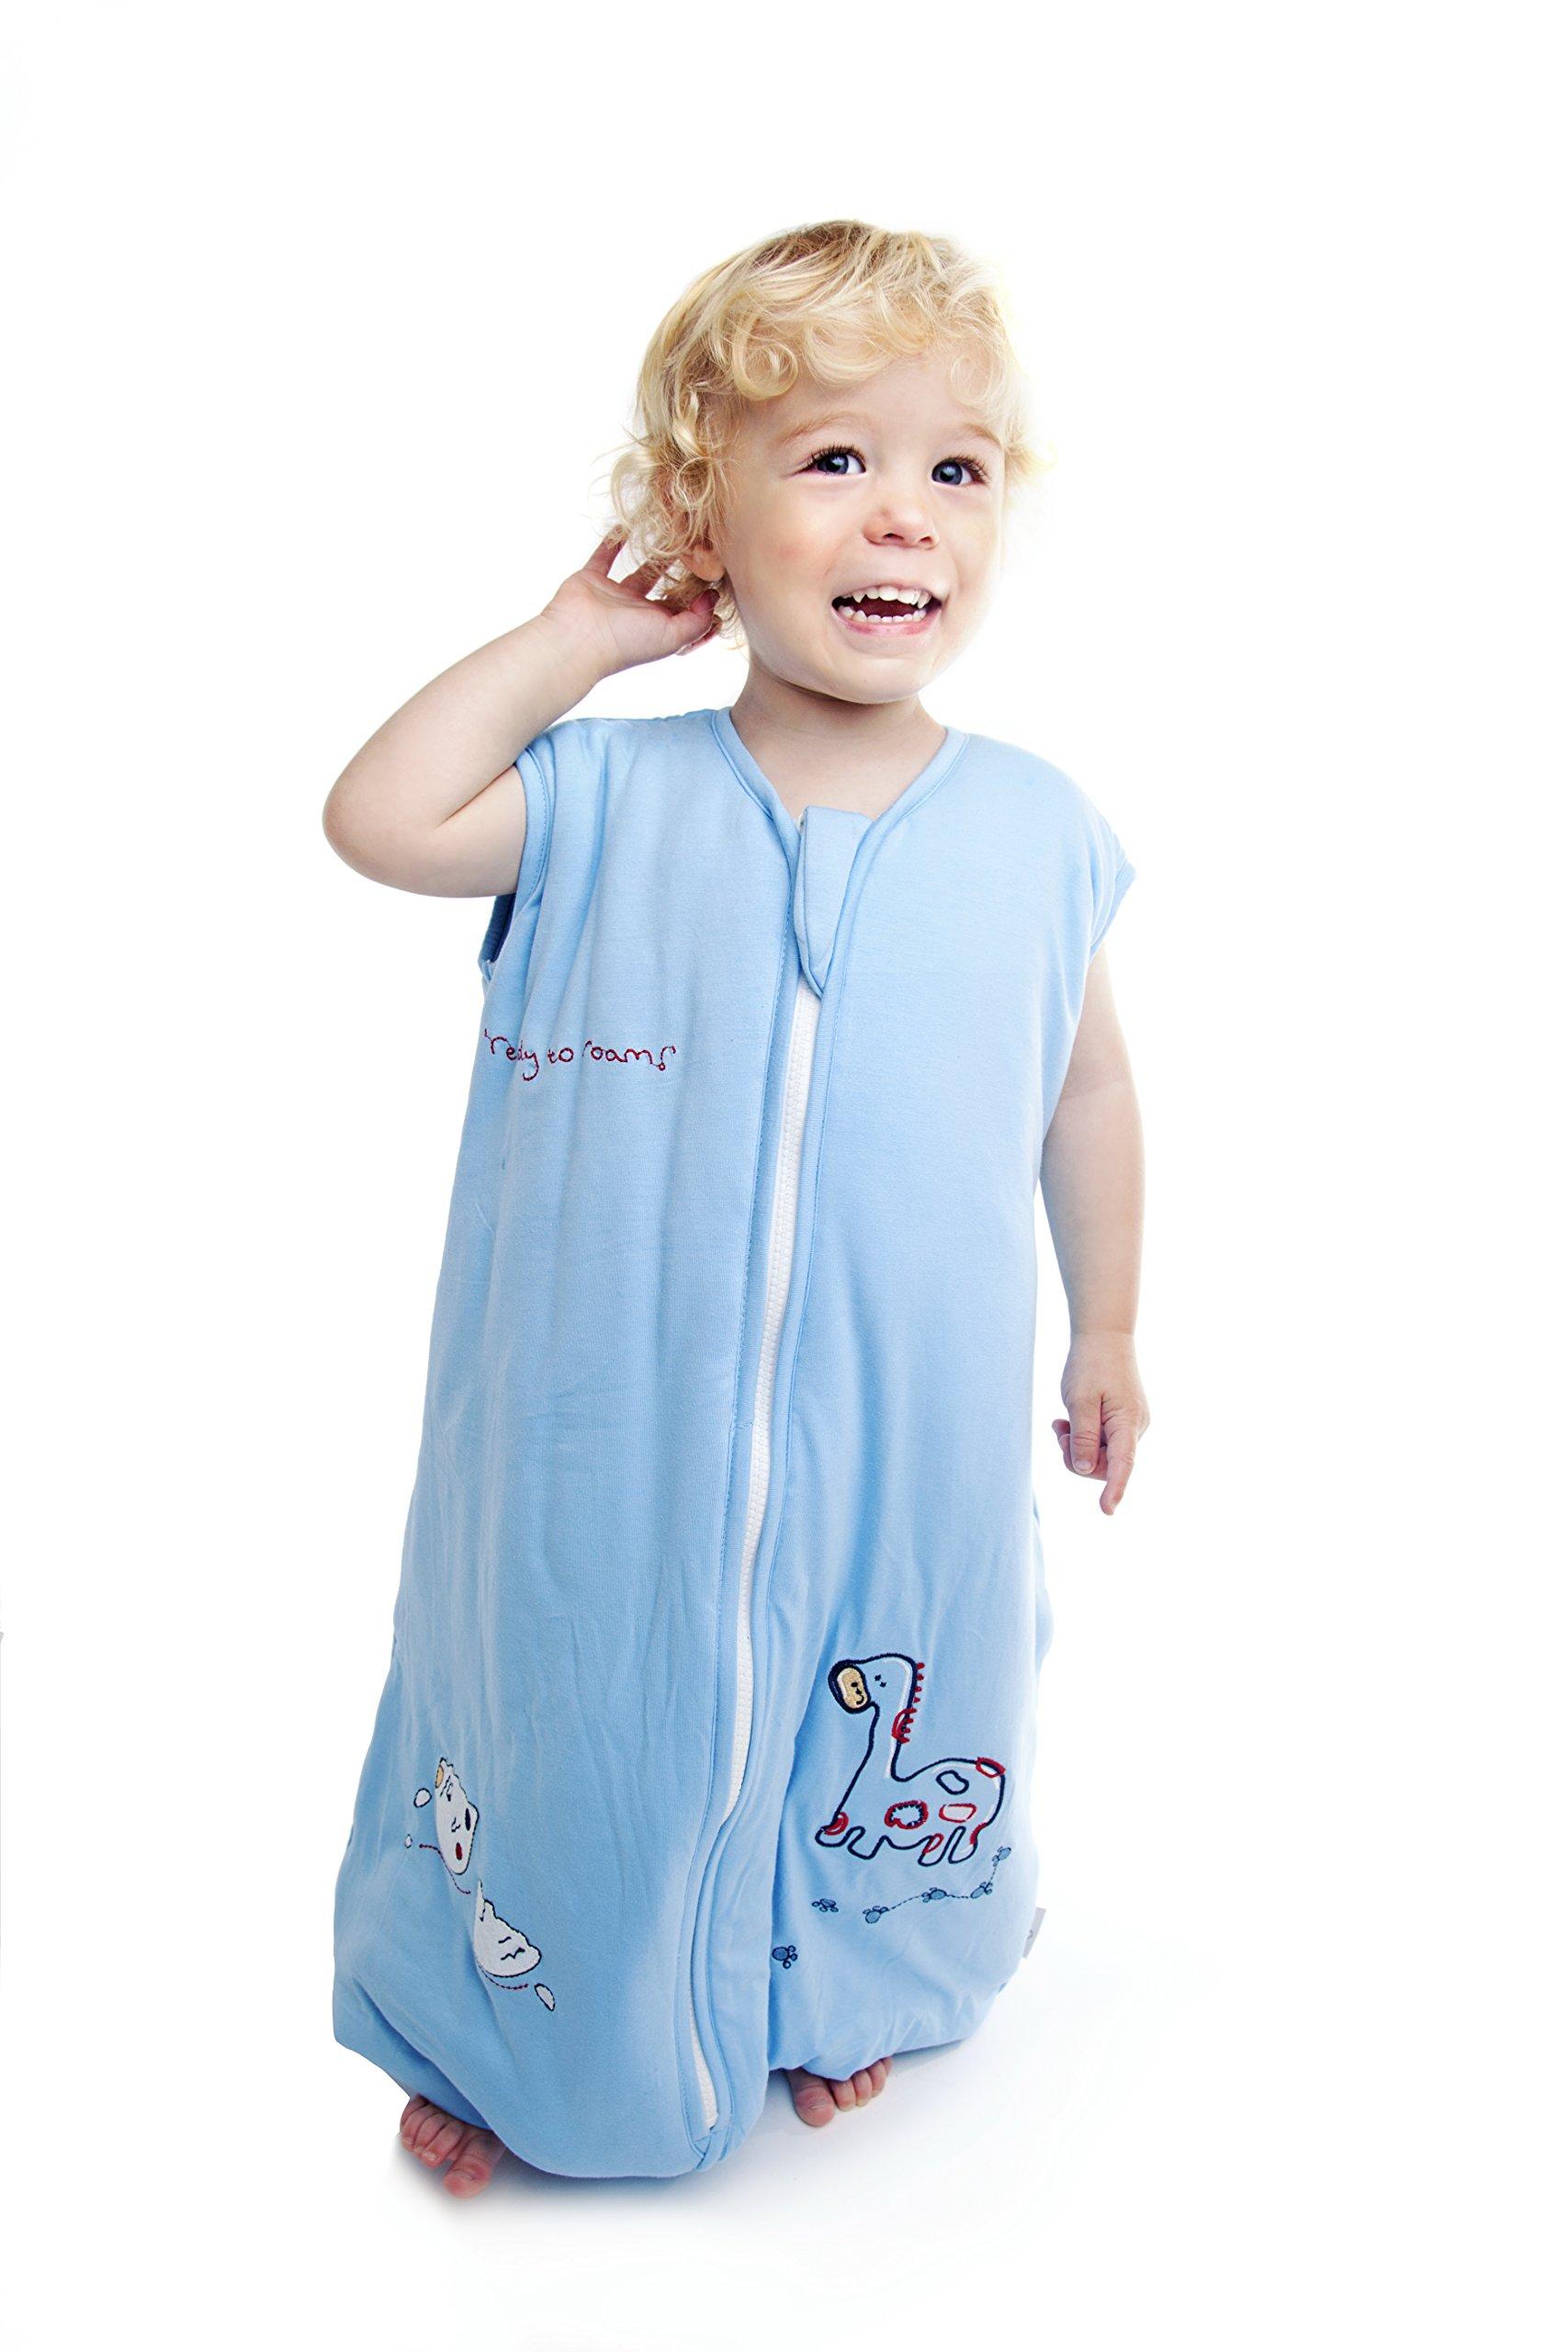 Saco de dormir saco de dormir con patas de bambú en talla 2,5–azul dinosaurios–disponible en 4tamaños diferentes azul azul Talla:18-24 meses